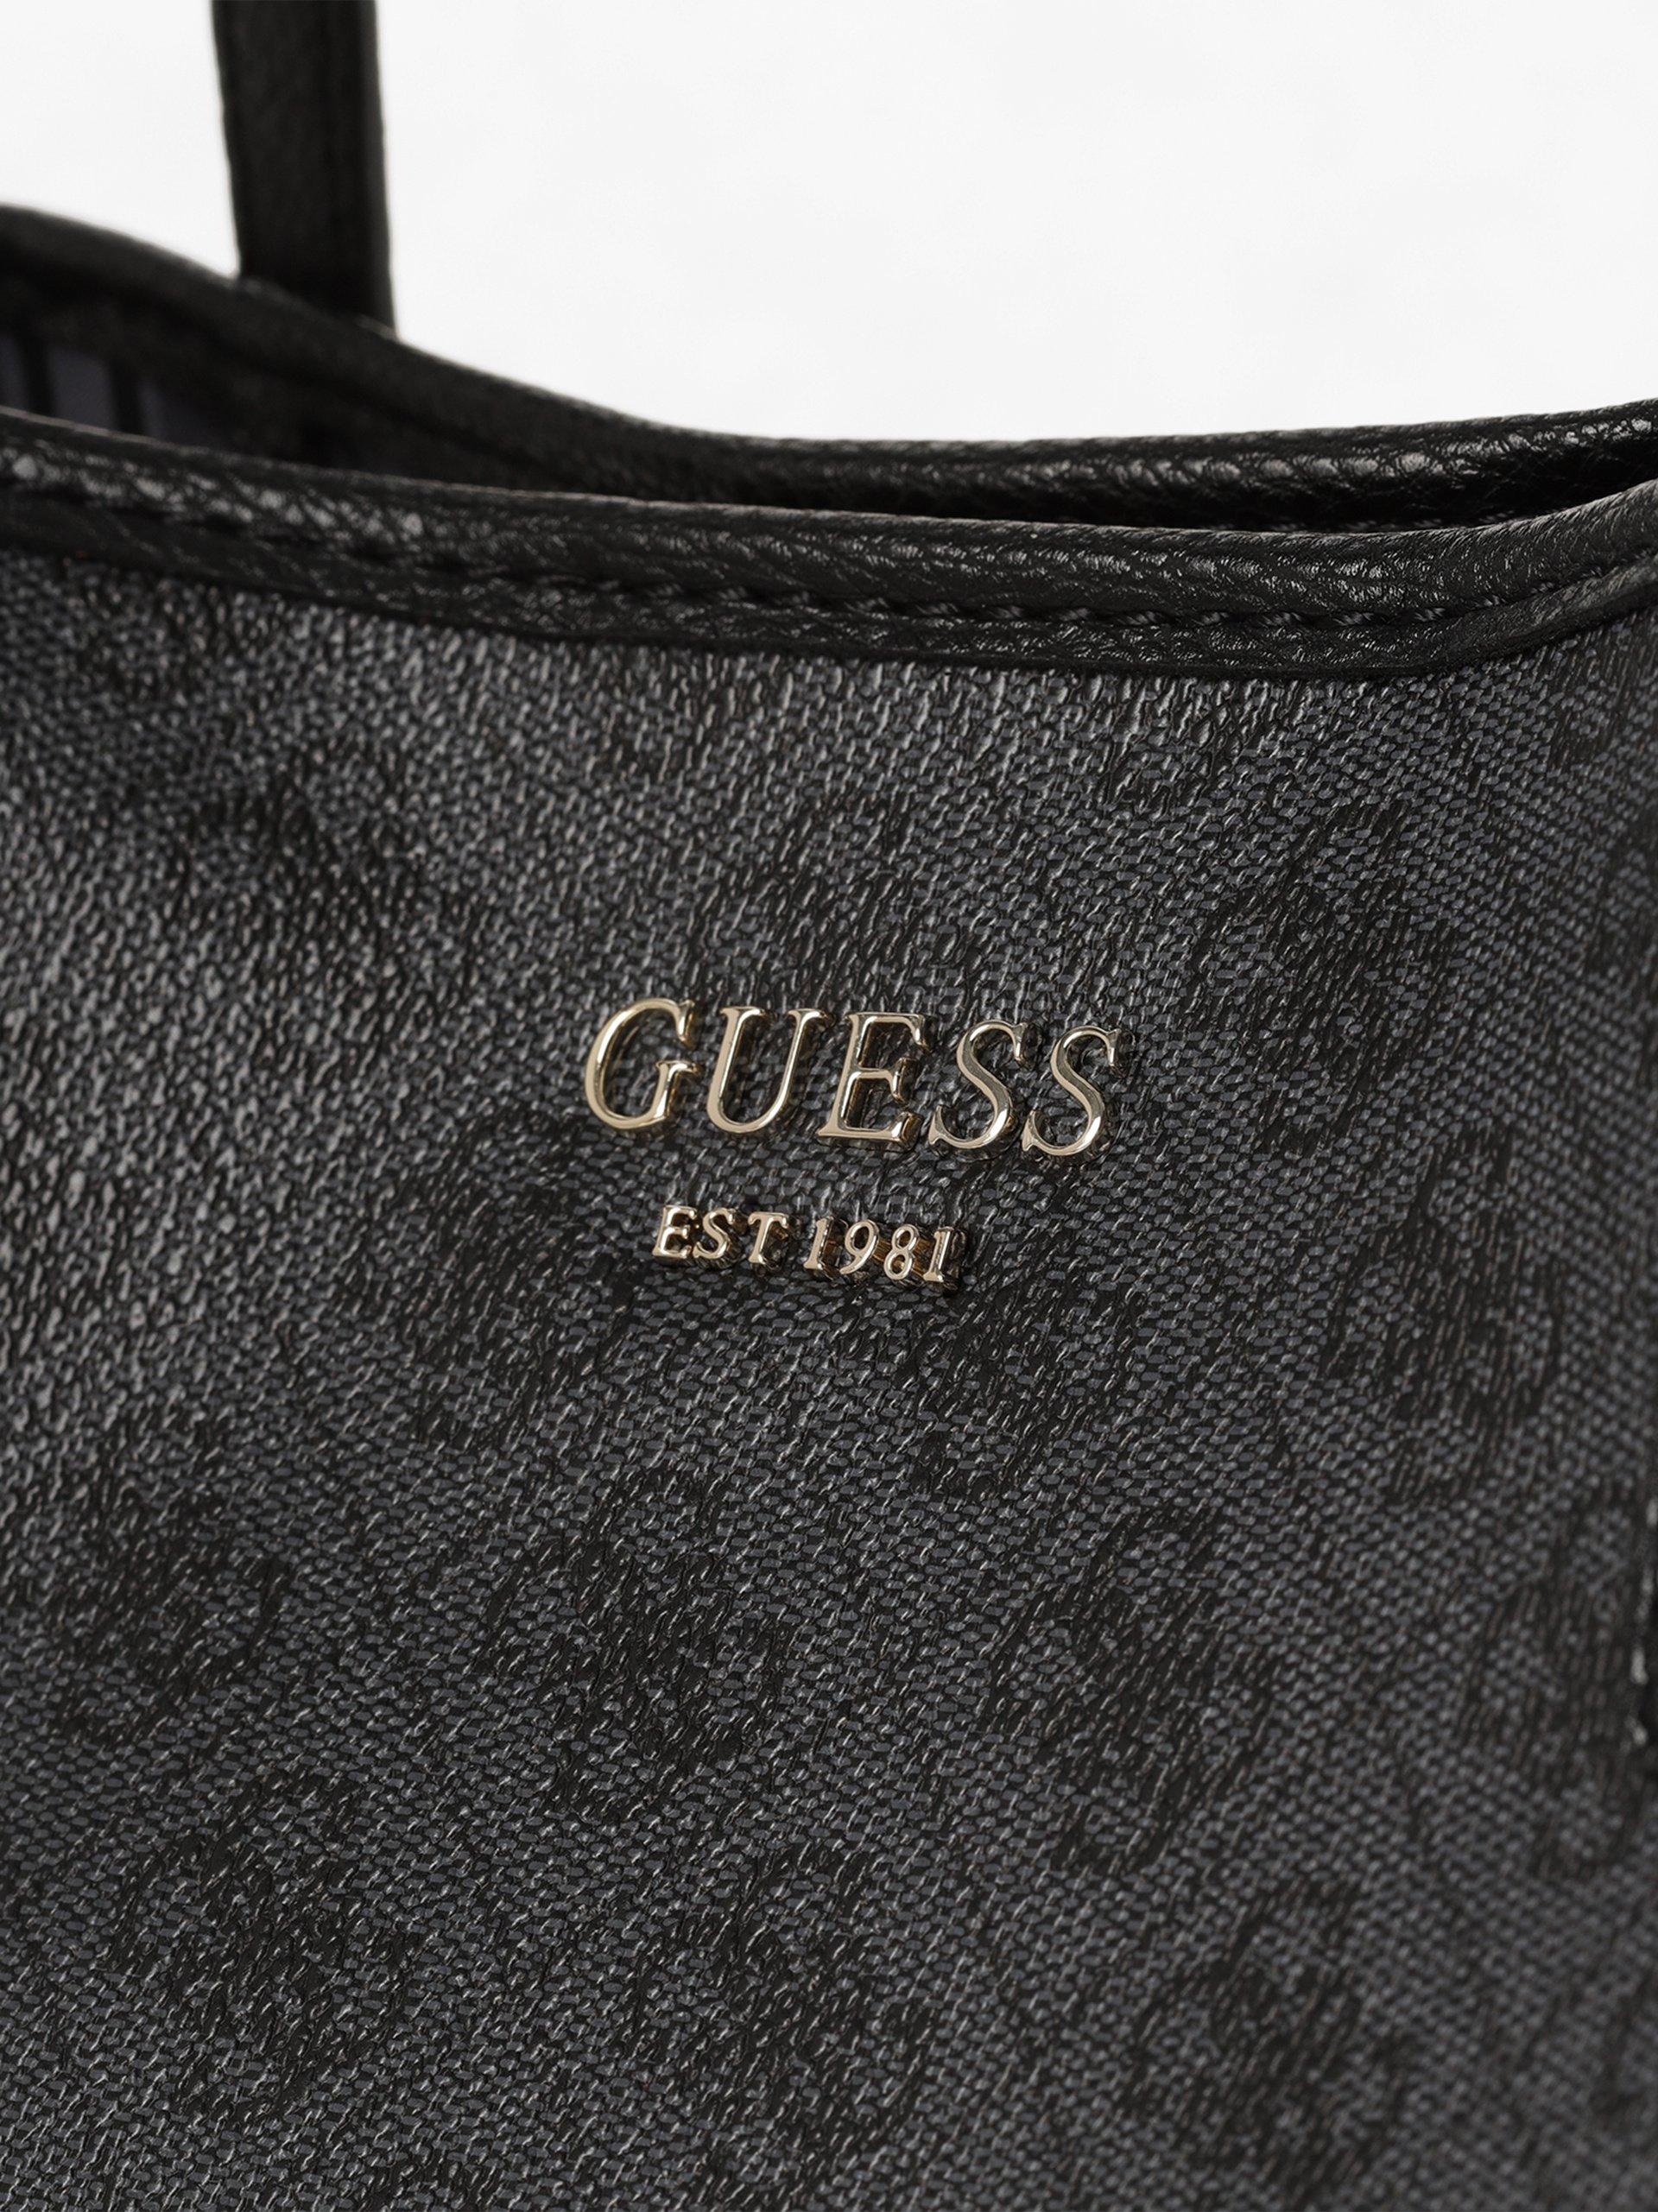 Guess Jeans Damska torba shopper z torebką wewnętrzną